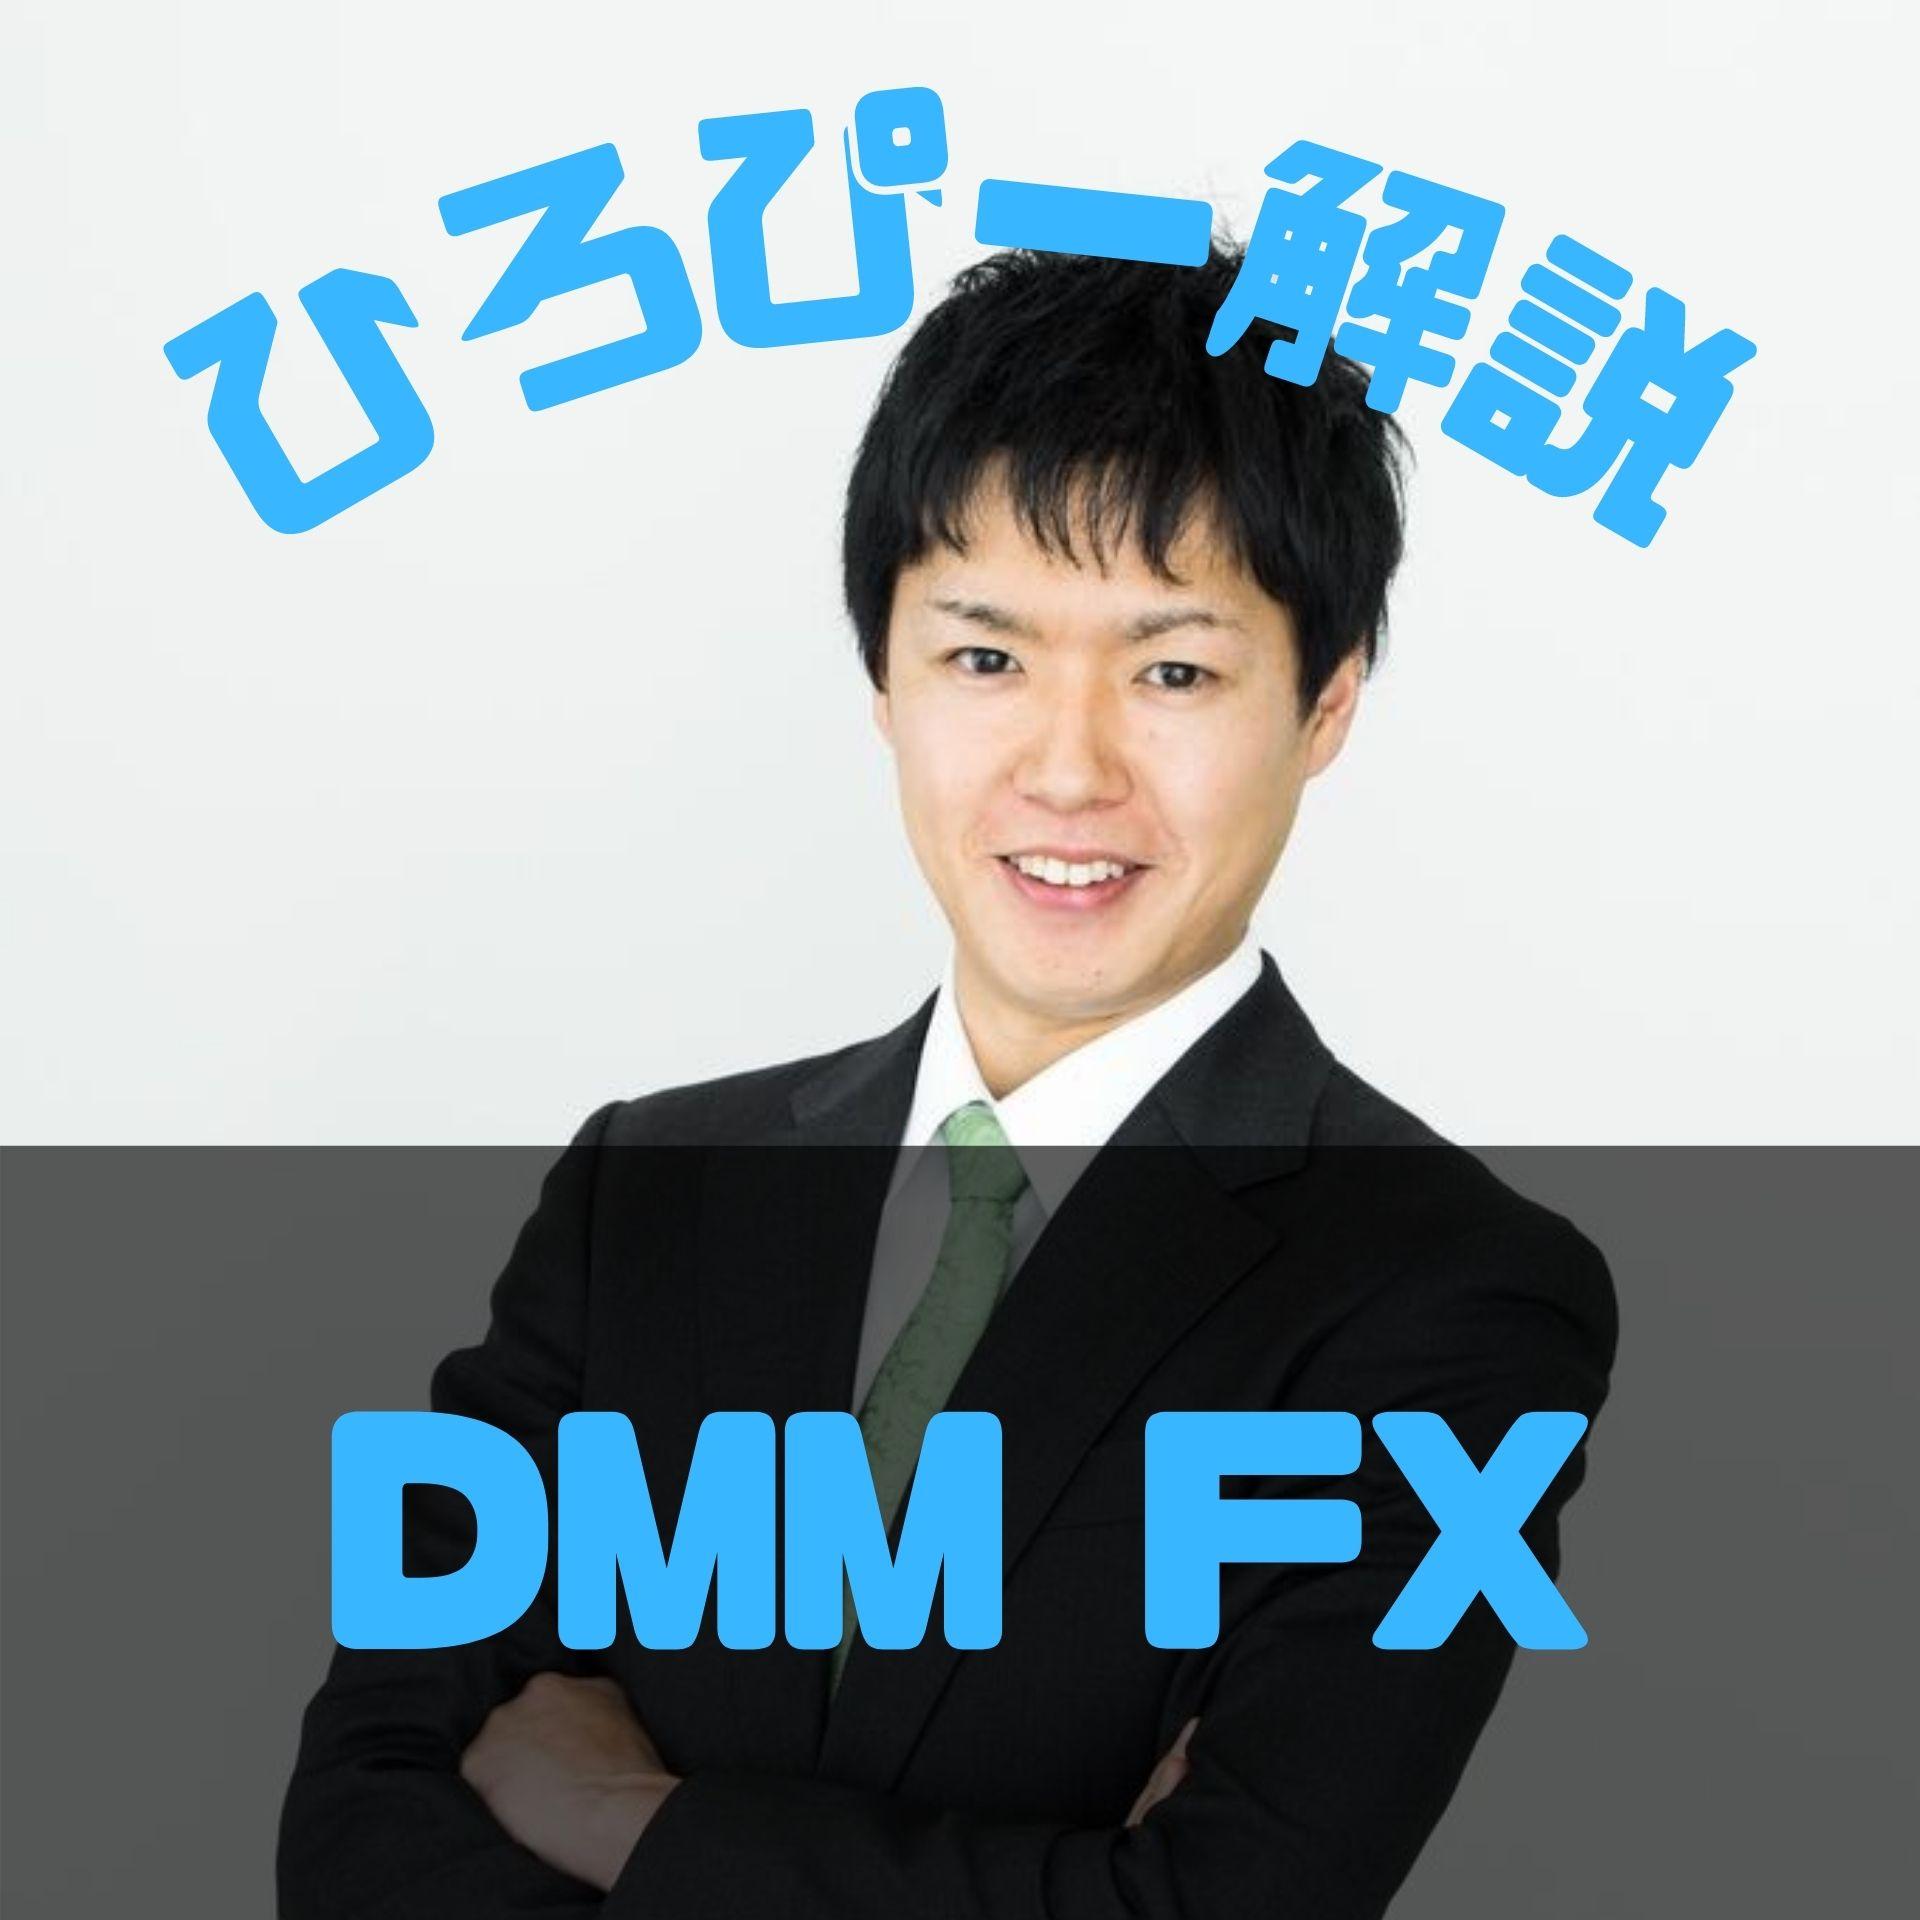 DMM FXとはどんな取引所?専門家ひろぴーが特徴や使い方を解説!